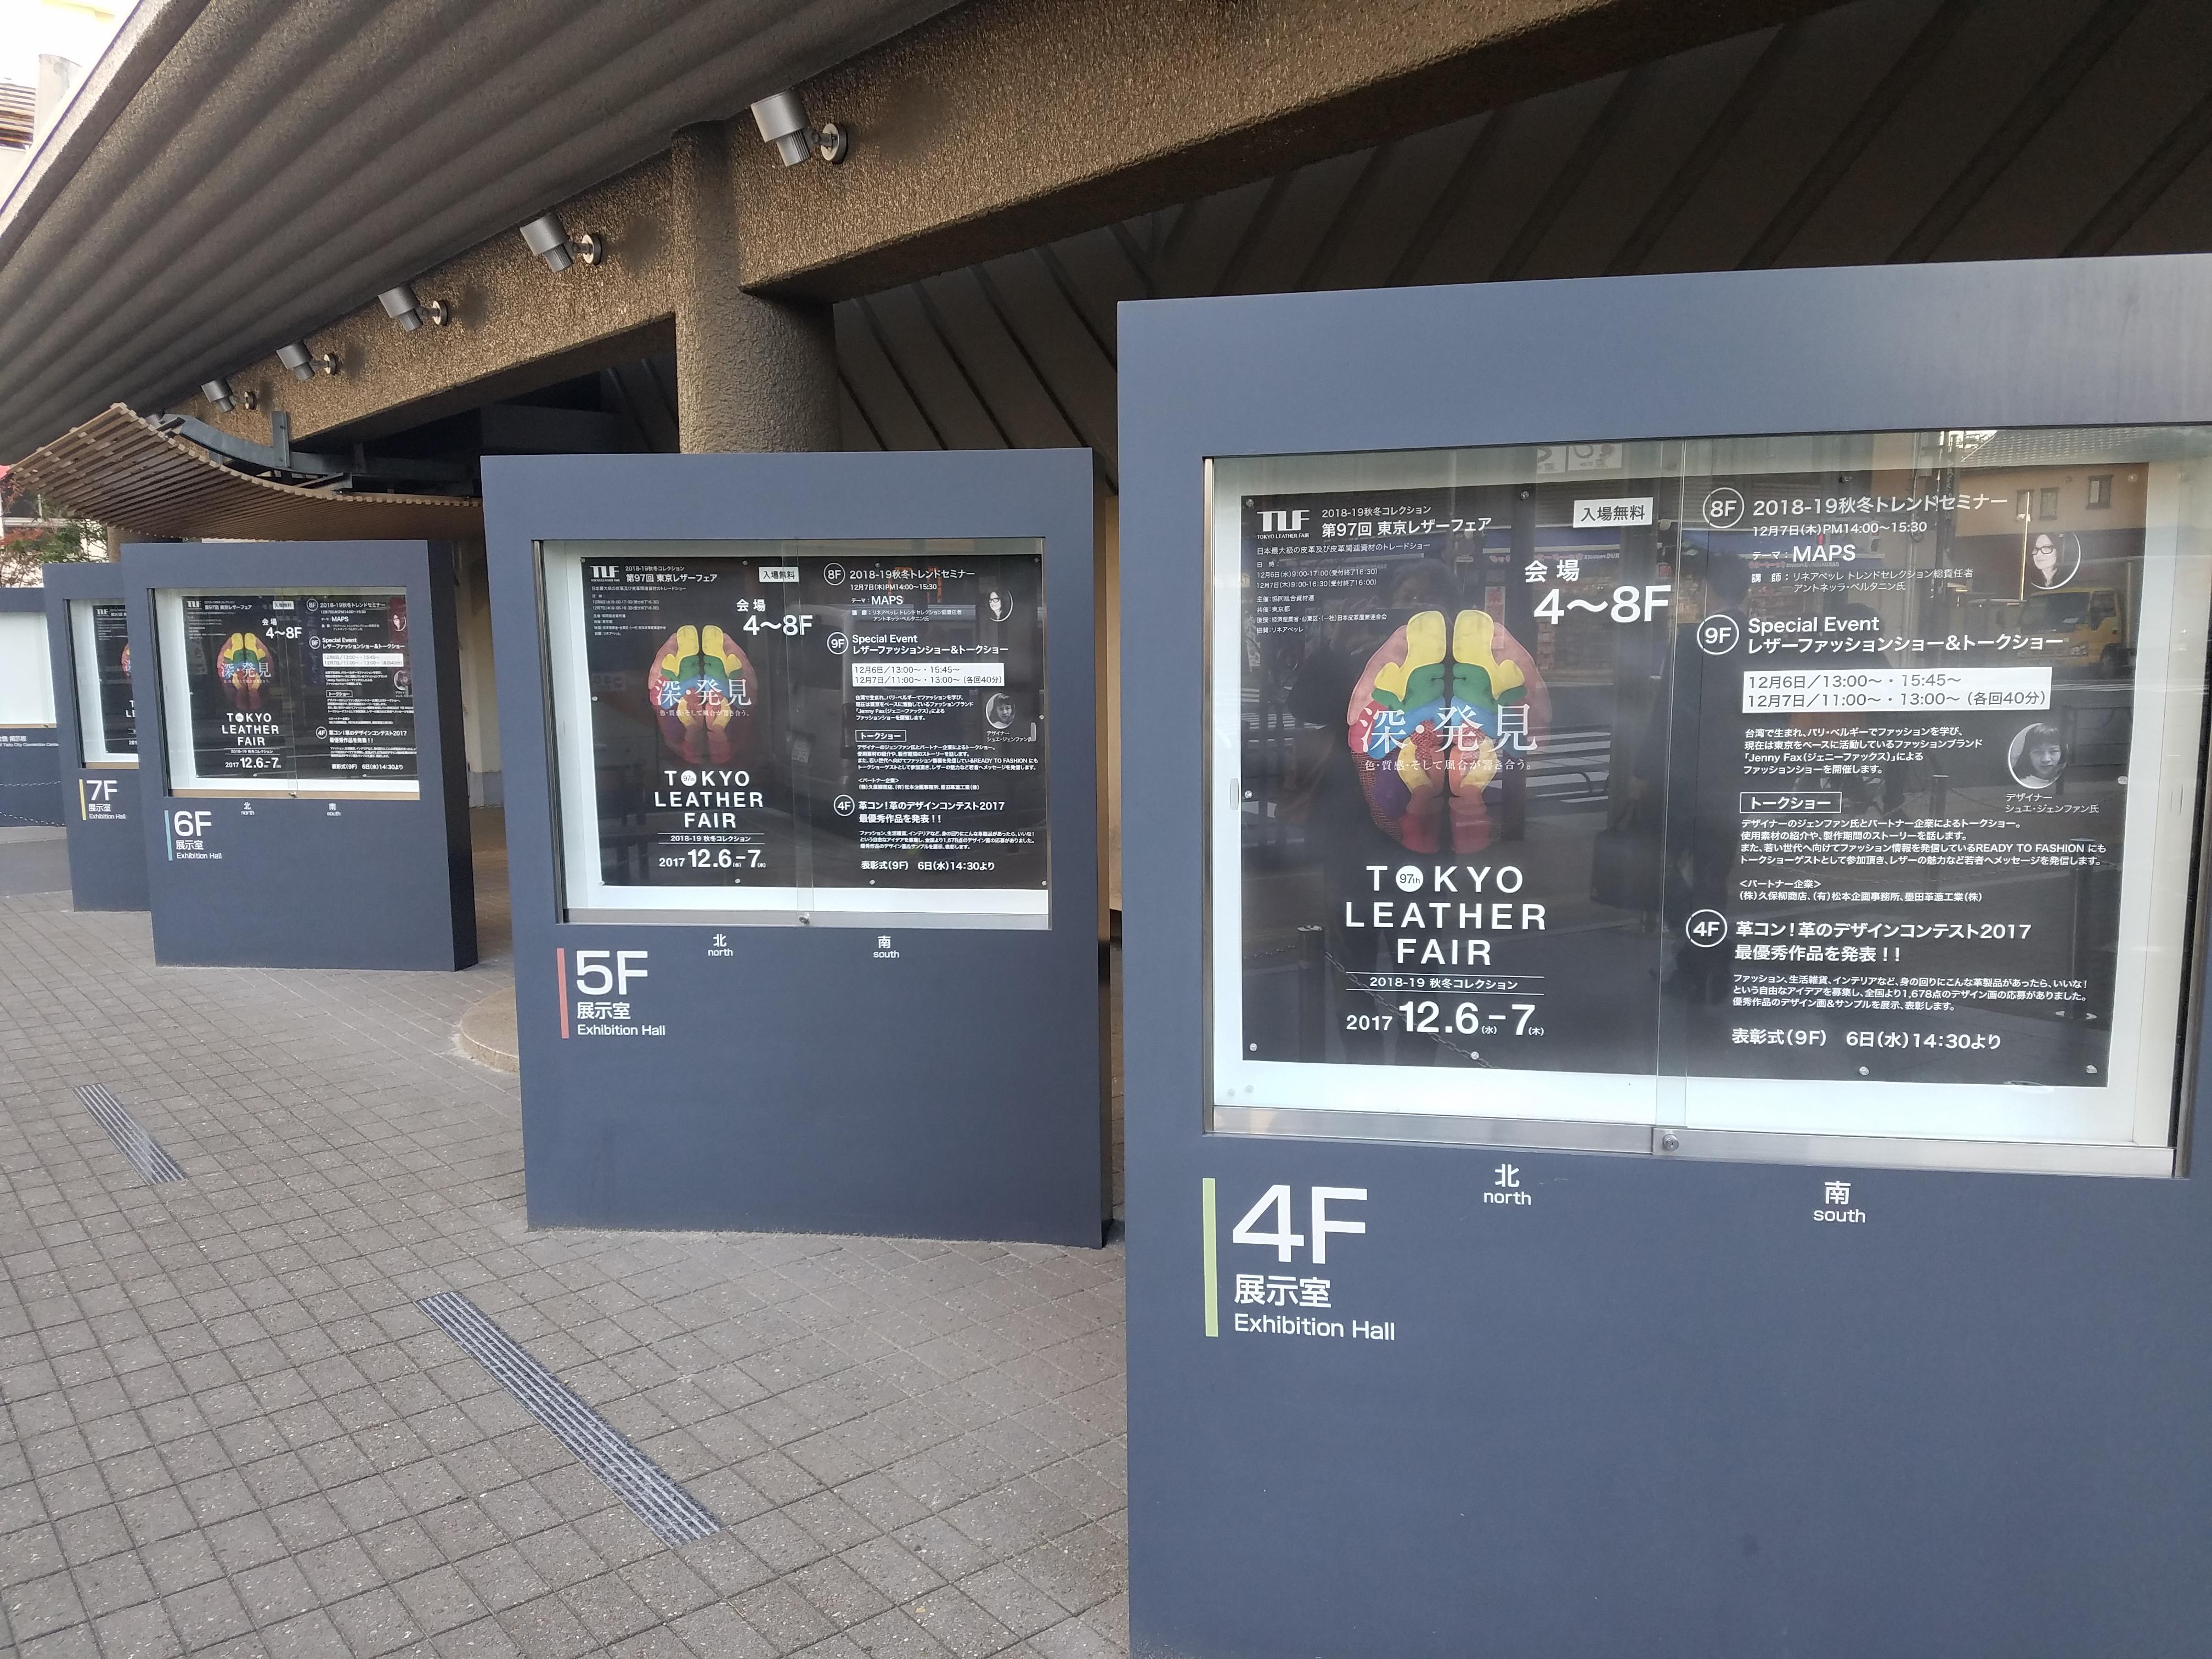 東京レザーフェアに行ってきました。